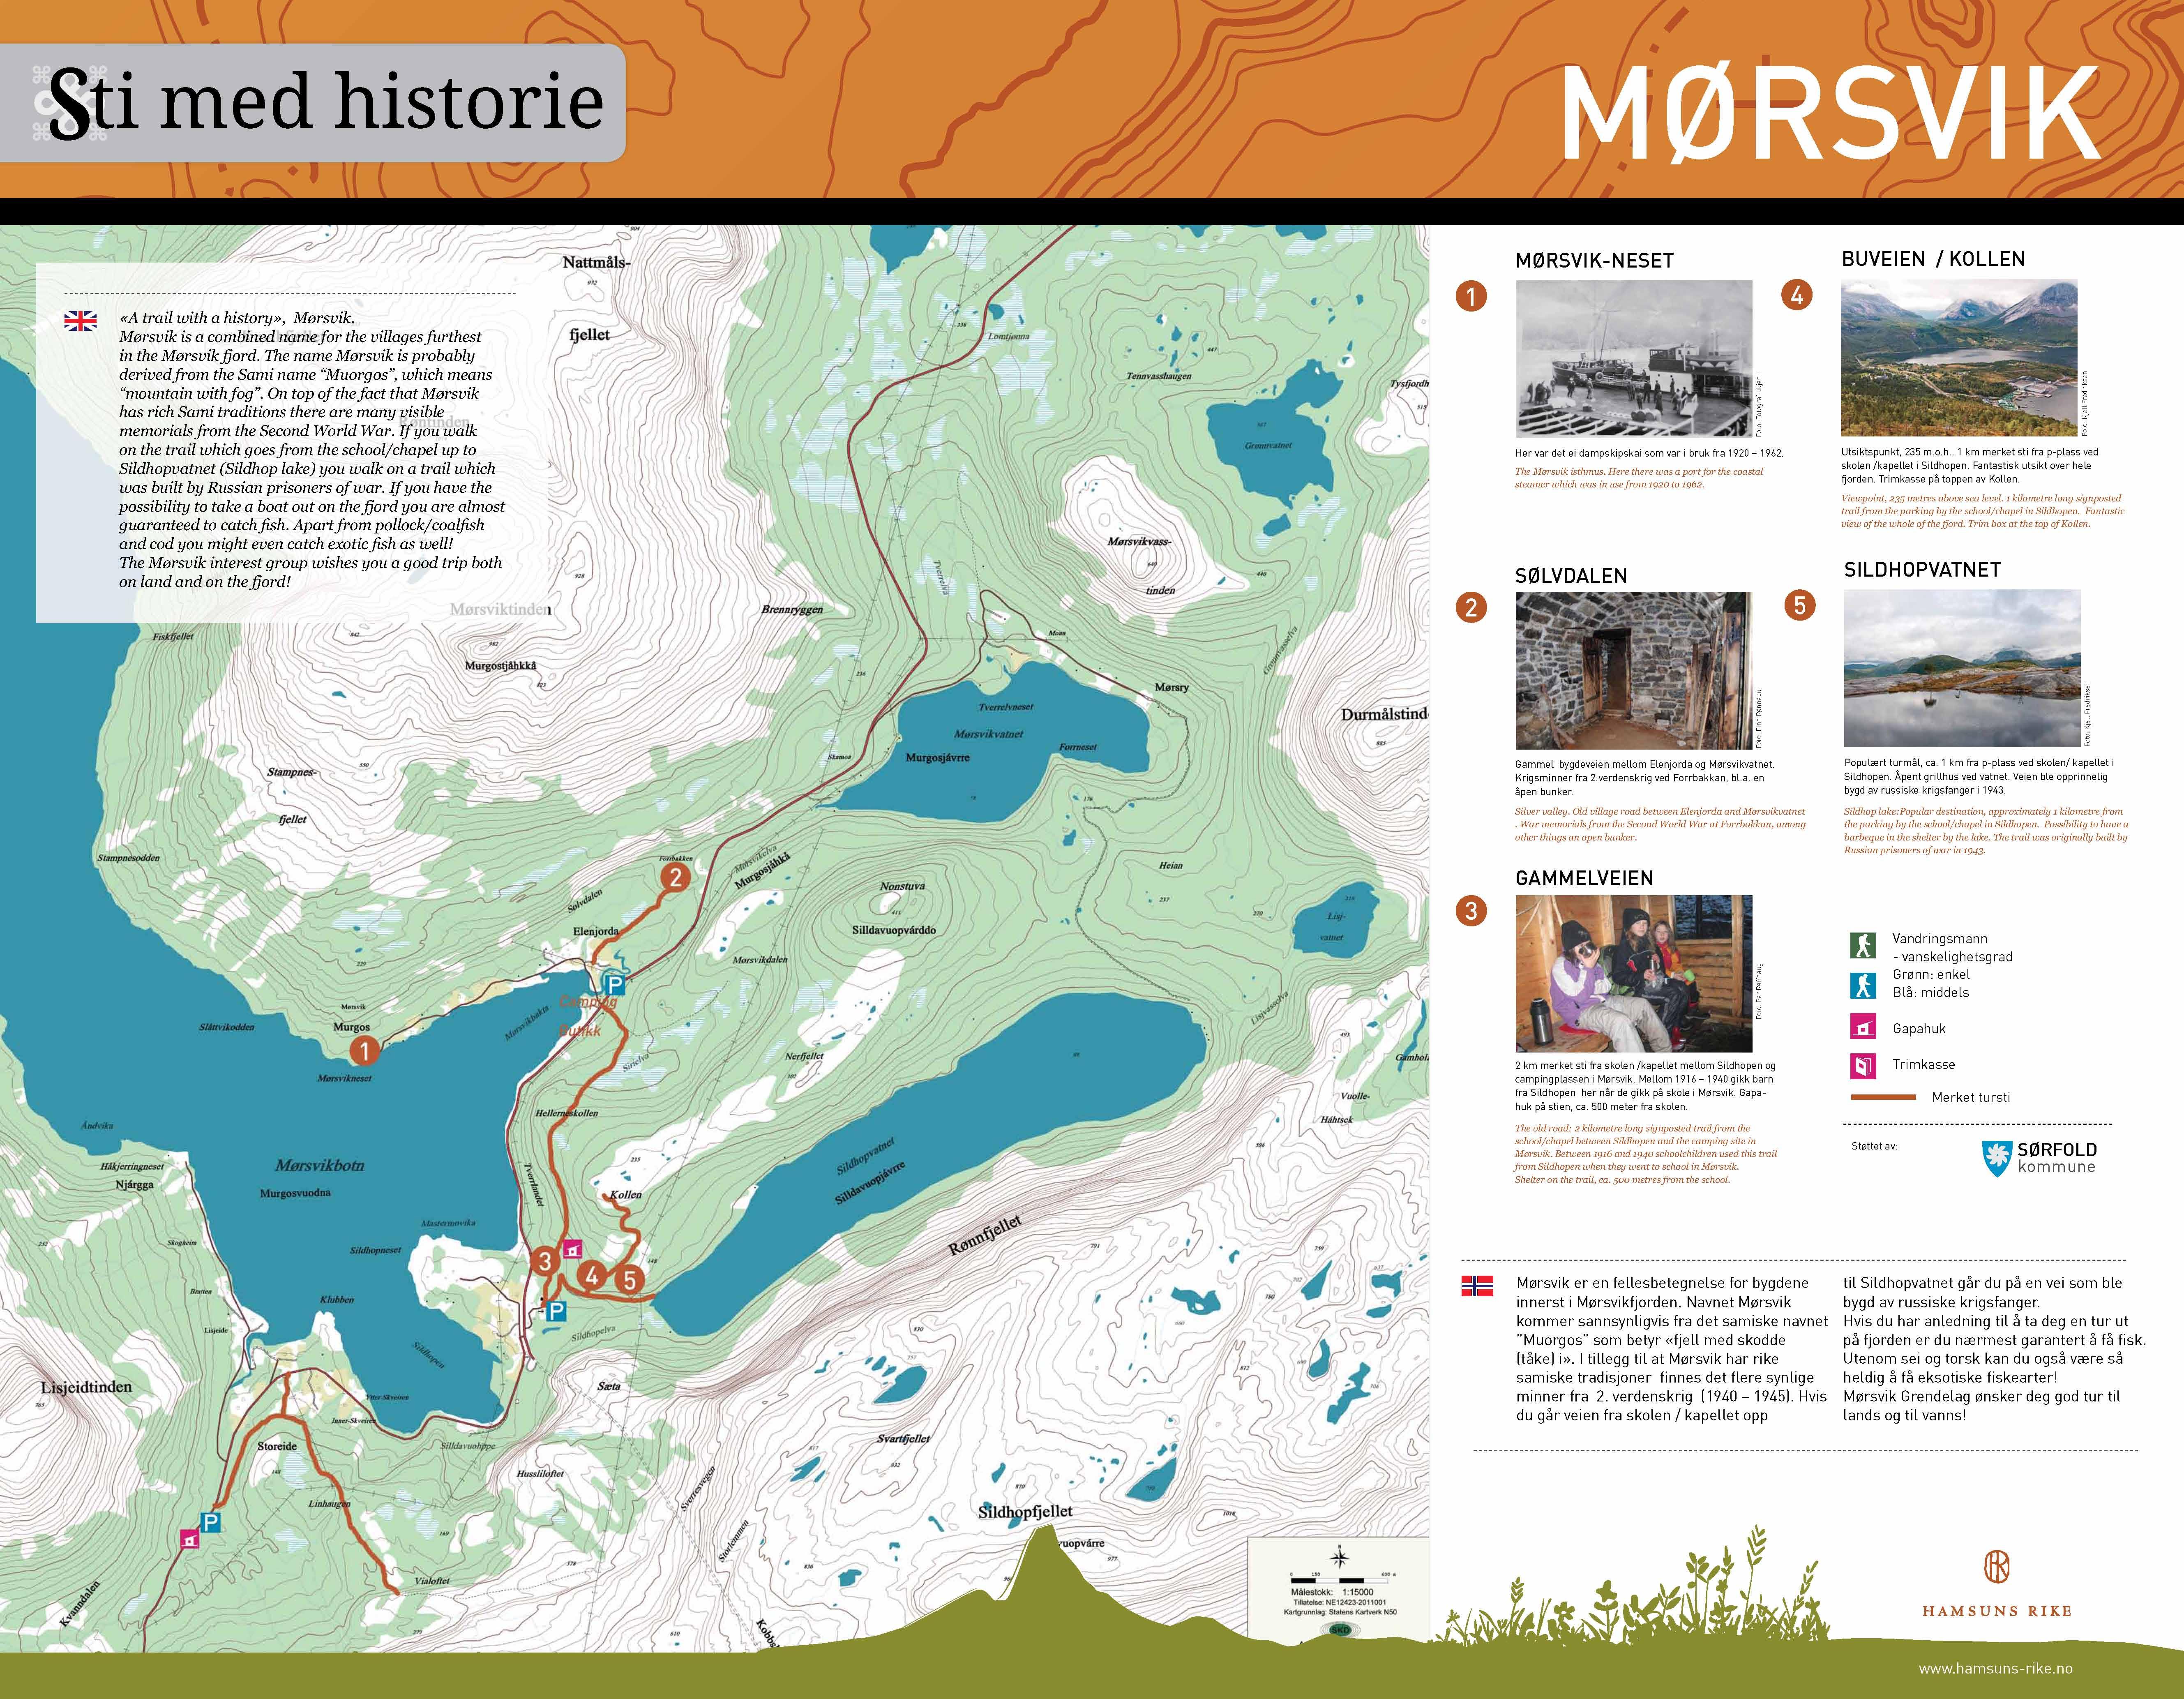 Sti_med_historie_Morsvik